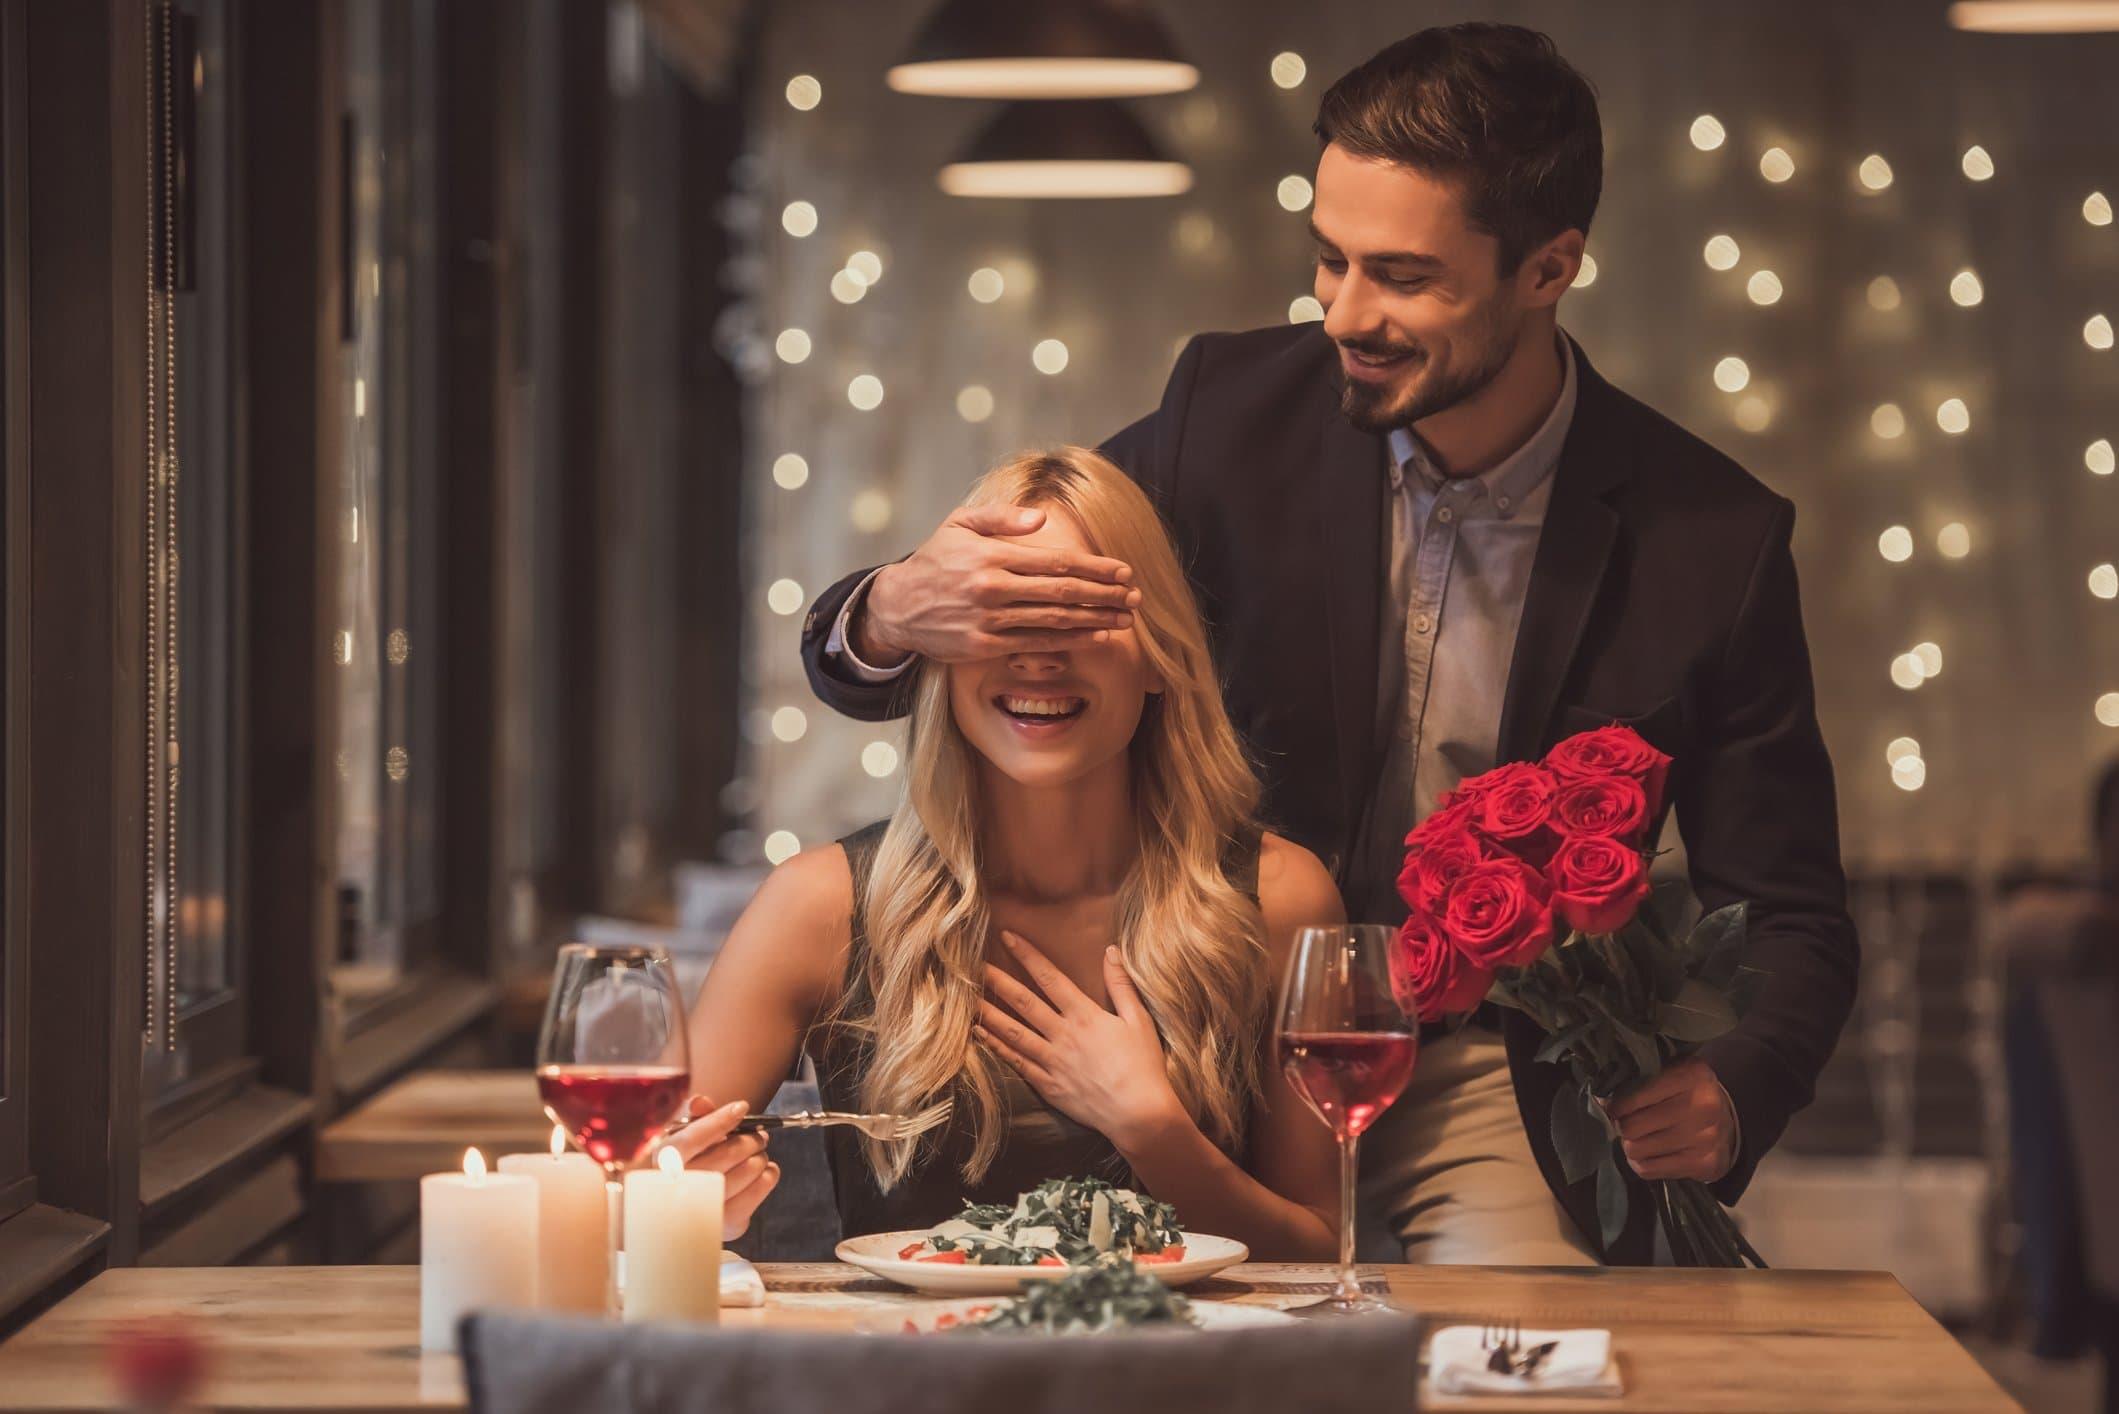 Встреча мужчины и женщины в картинках